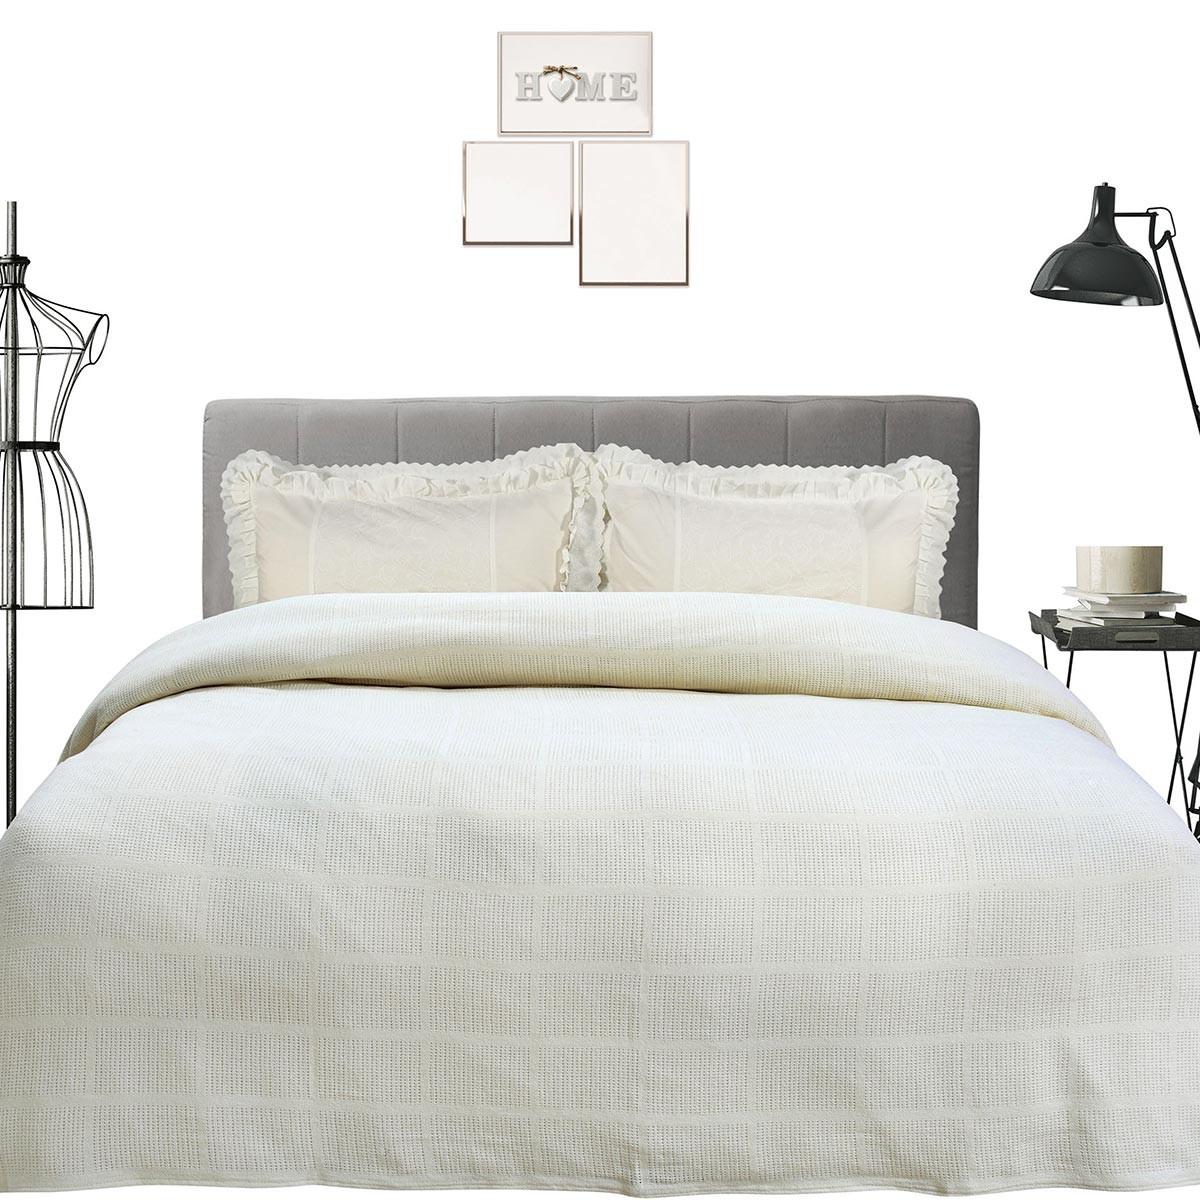 Κουβέρτα Πλεκτή Υπέρδιπλη Das Home Blanket Line 373 66584